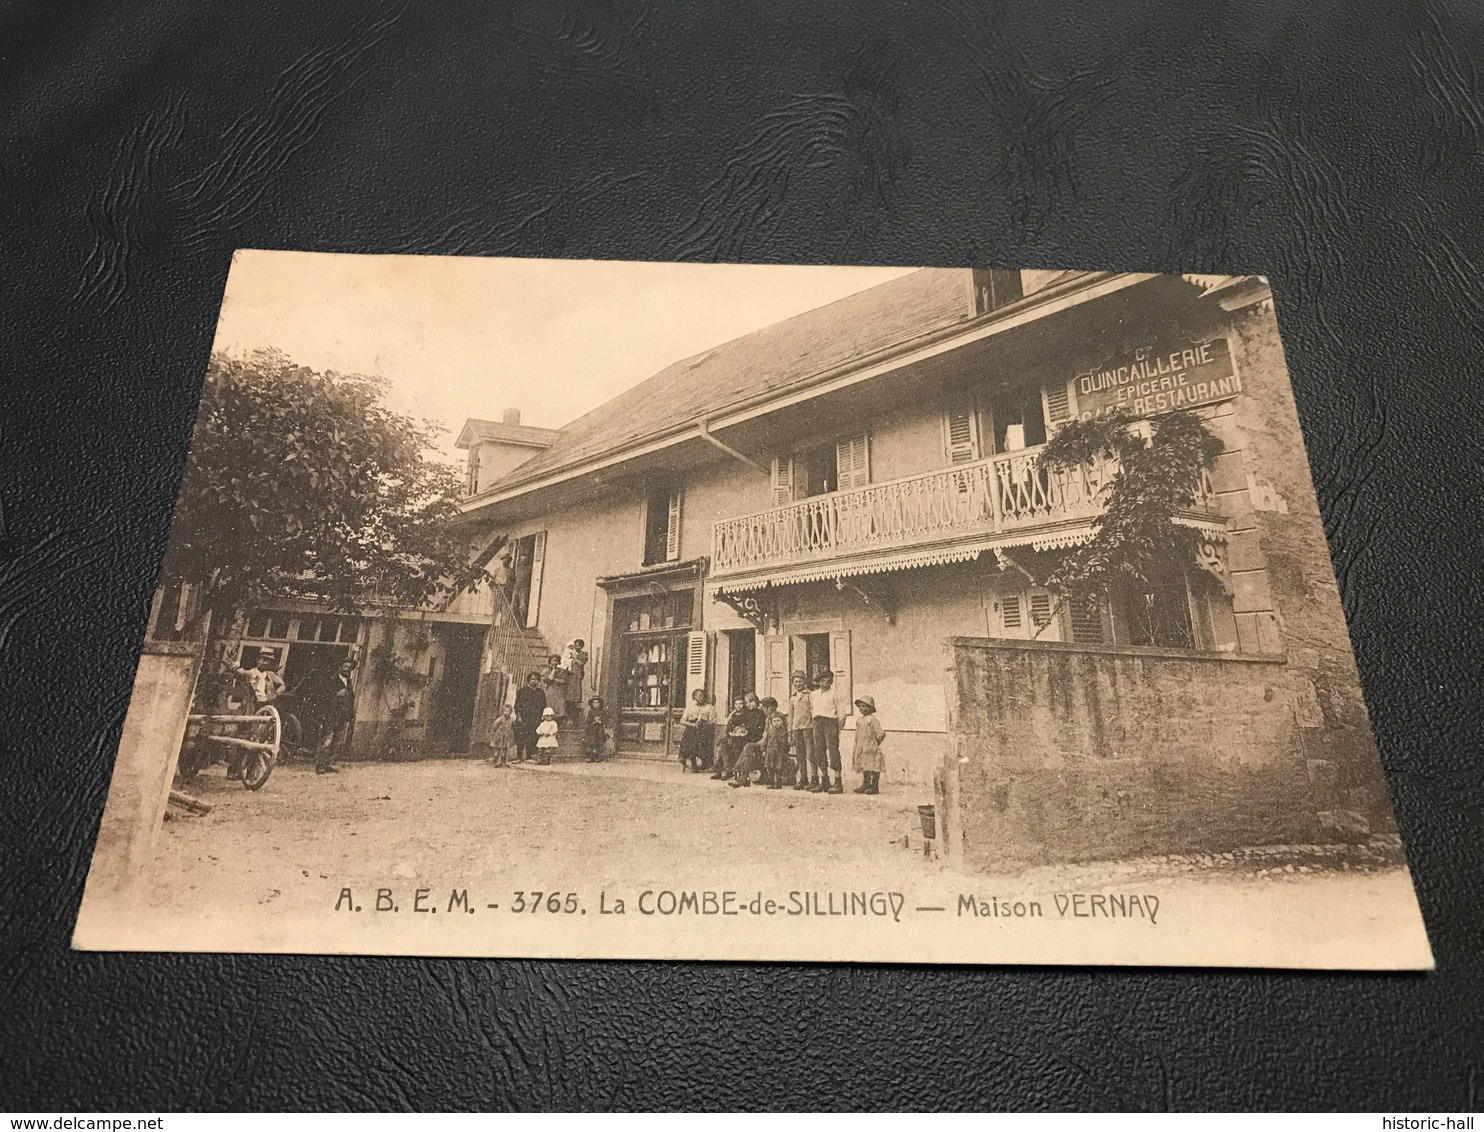 3765 - LA COMBE DE SILLINGY Maison VERNAY (Quincaillerie Epicerie Café Restaurant) - 1929 Timbrée - Autres Communes